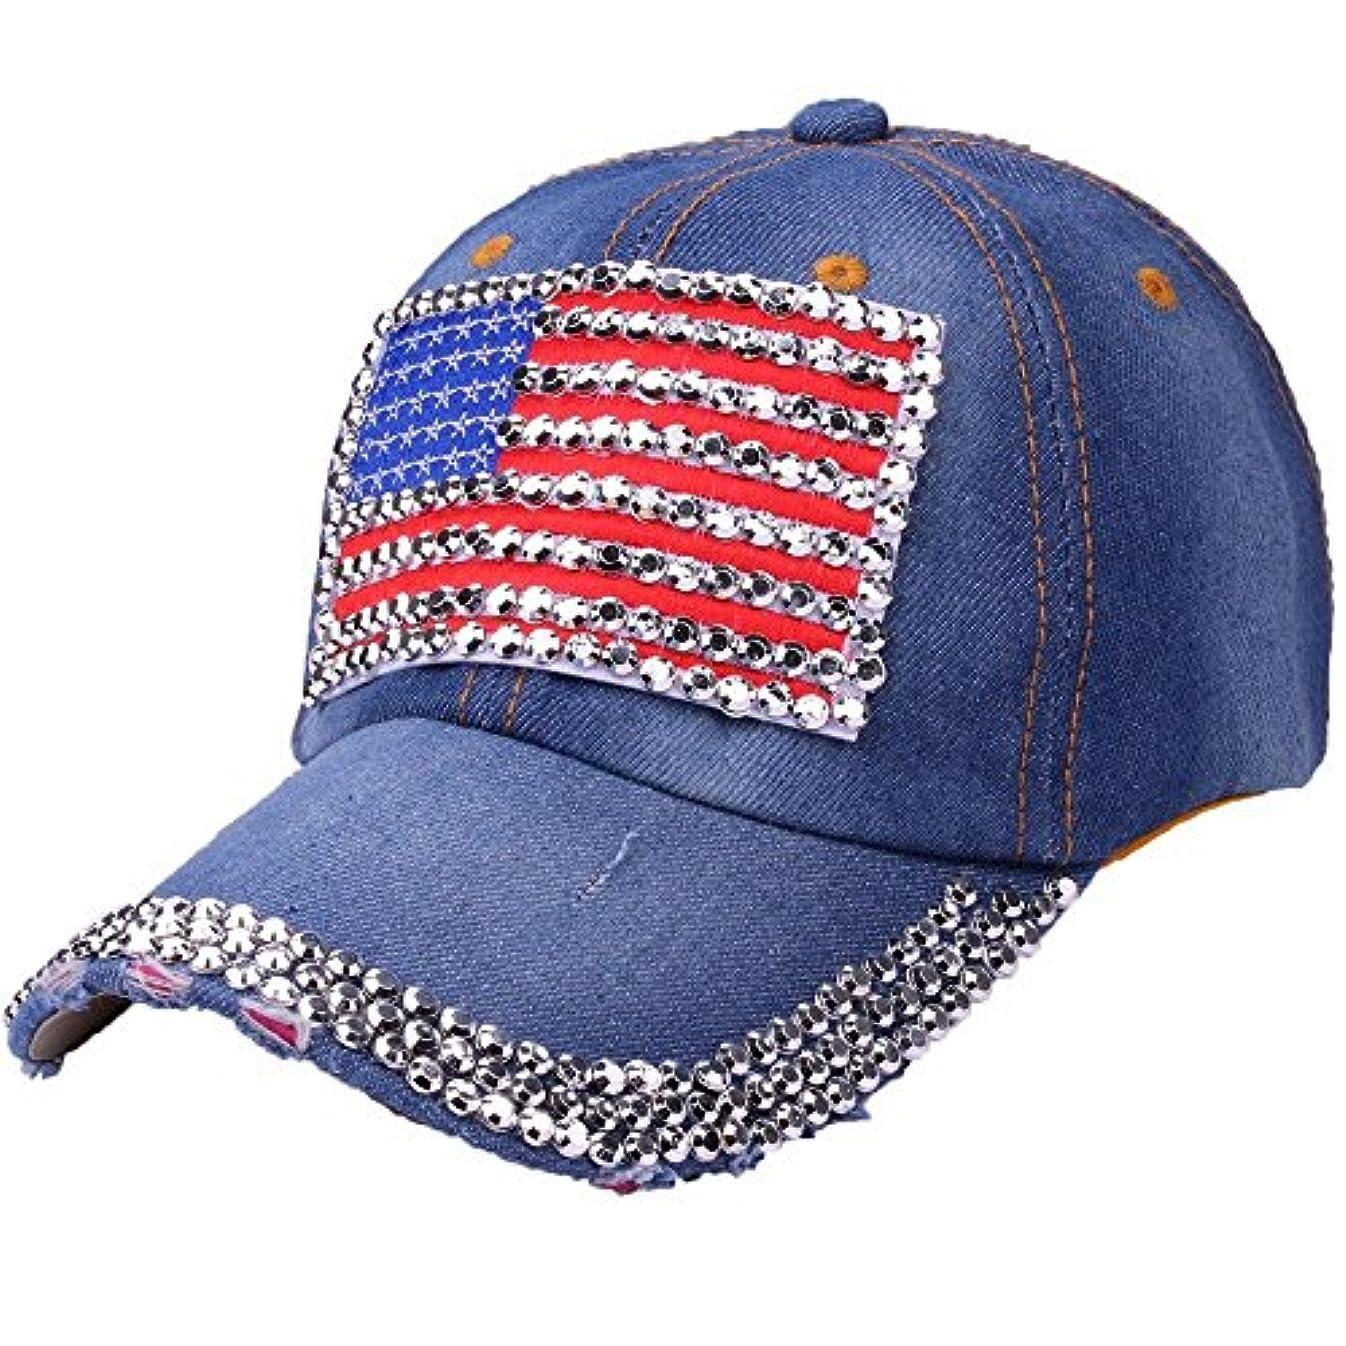 衣装雄大な賞賛Racazing Cap カウボーイ 野球帽 ヒップホップ 通気性のある ラインストーン 帽子 夏 登山 アメリカの旗 可調整可能 棒球帽 男女兼用 UV 帽子 軽量 屋外 ジーンズ Unisex Cap (C)